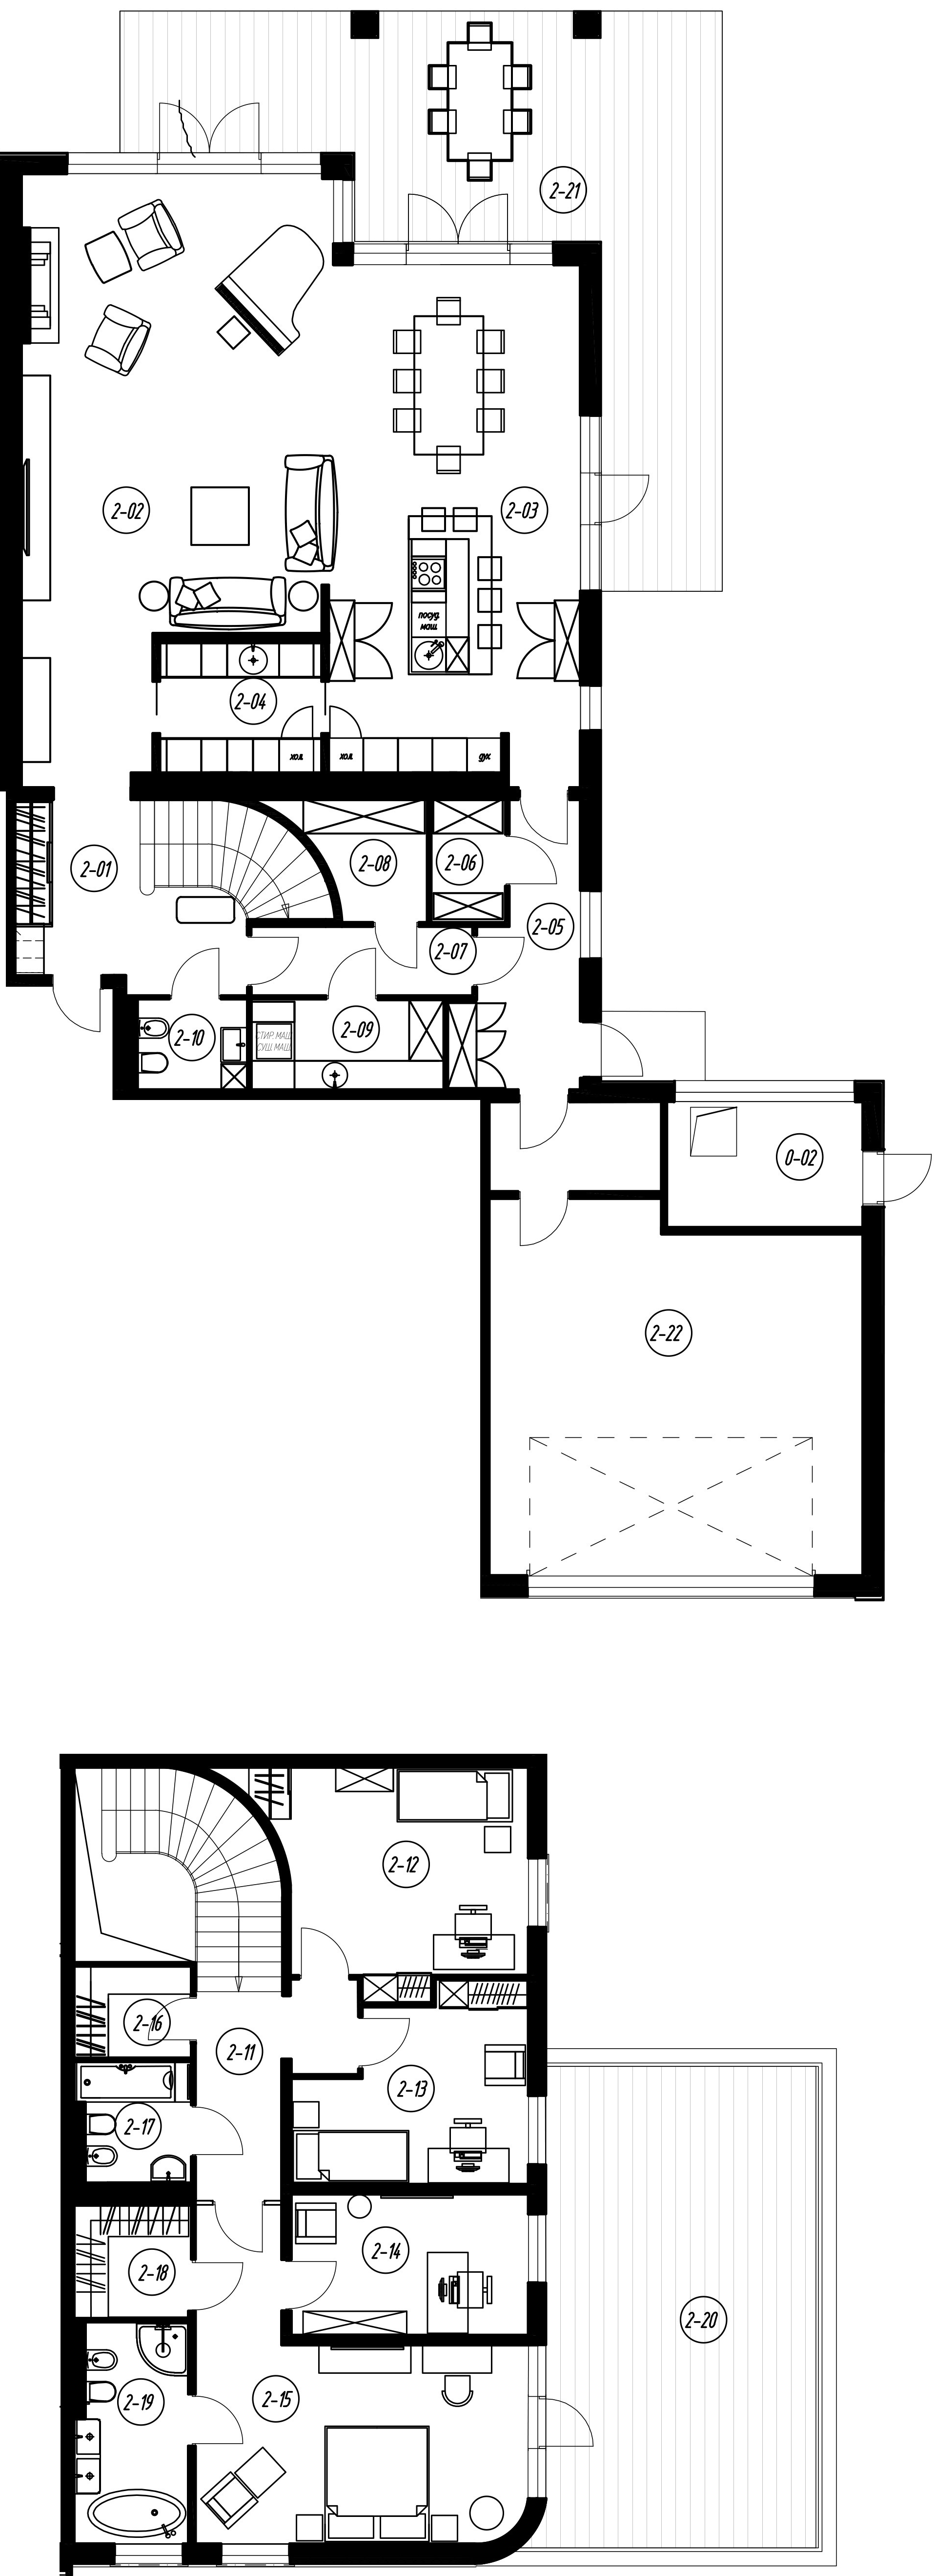 5-комнатная, 271.19 м²– 2